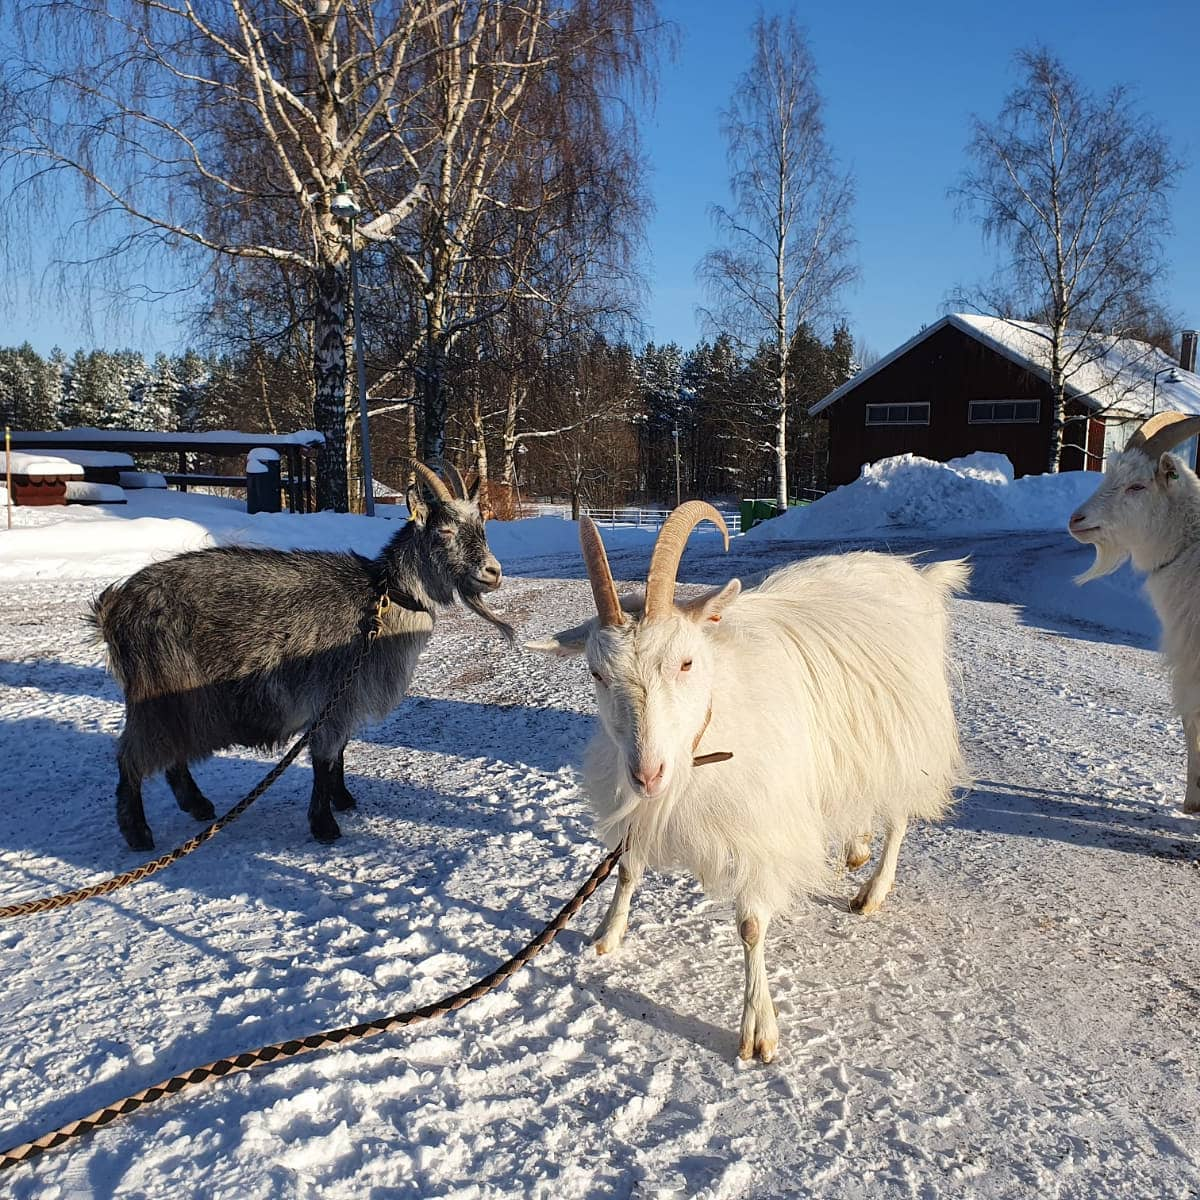 Link to event Talviloman eläinharrastustoiminta Fallkullan kotieläintilalla